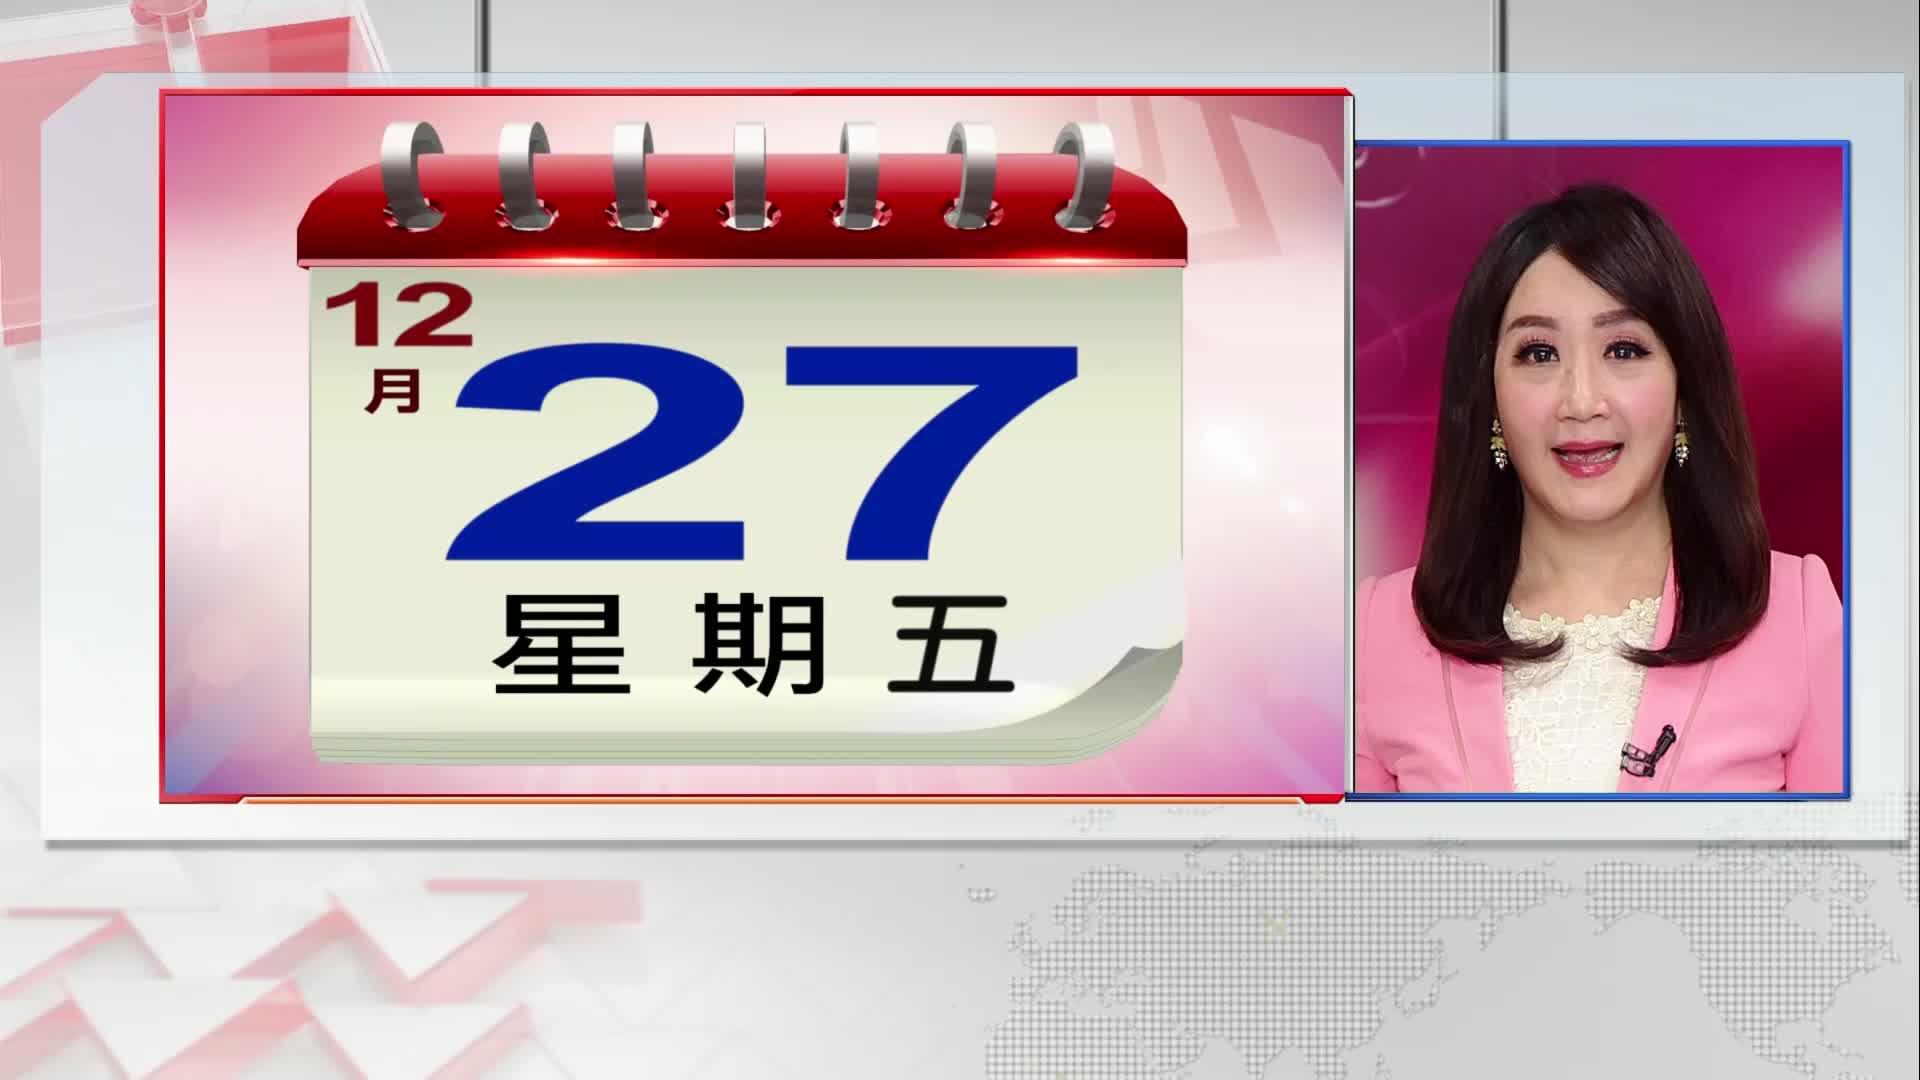 5分鐘看台股/2019/12/27早盤最前線